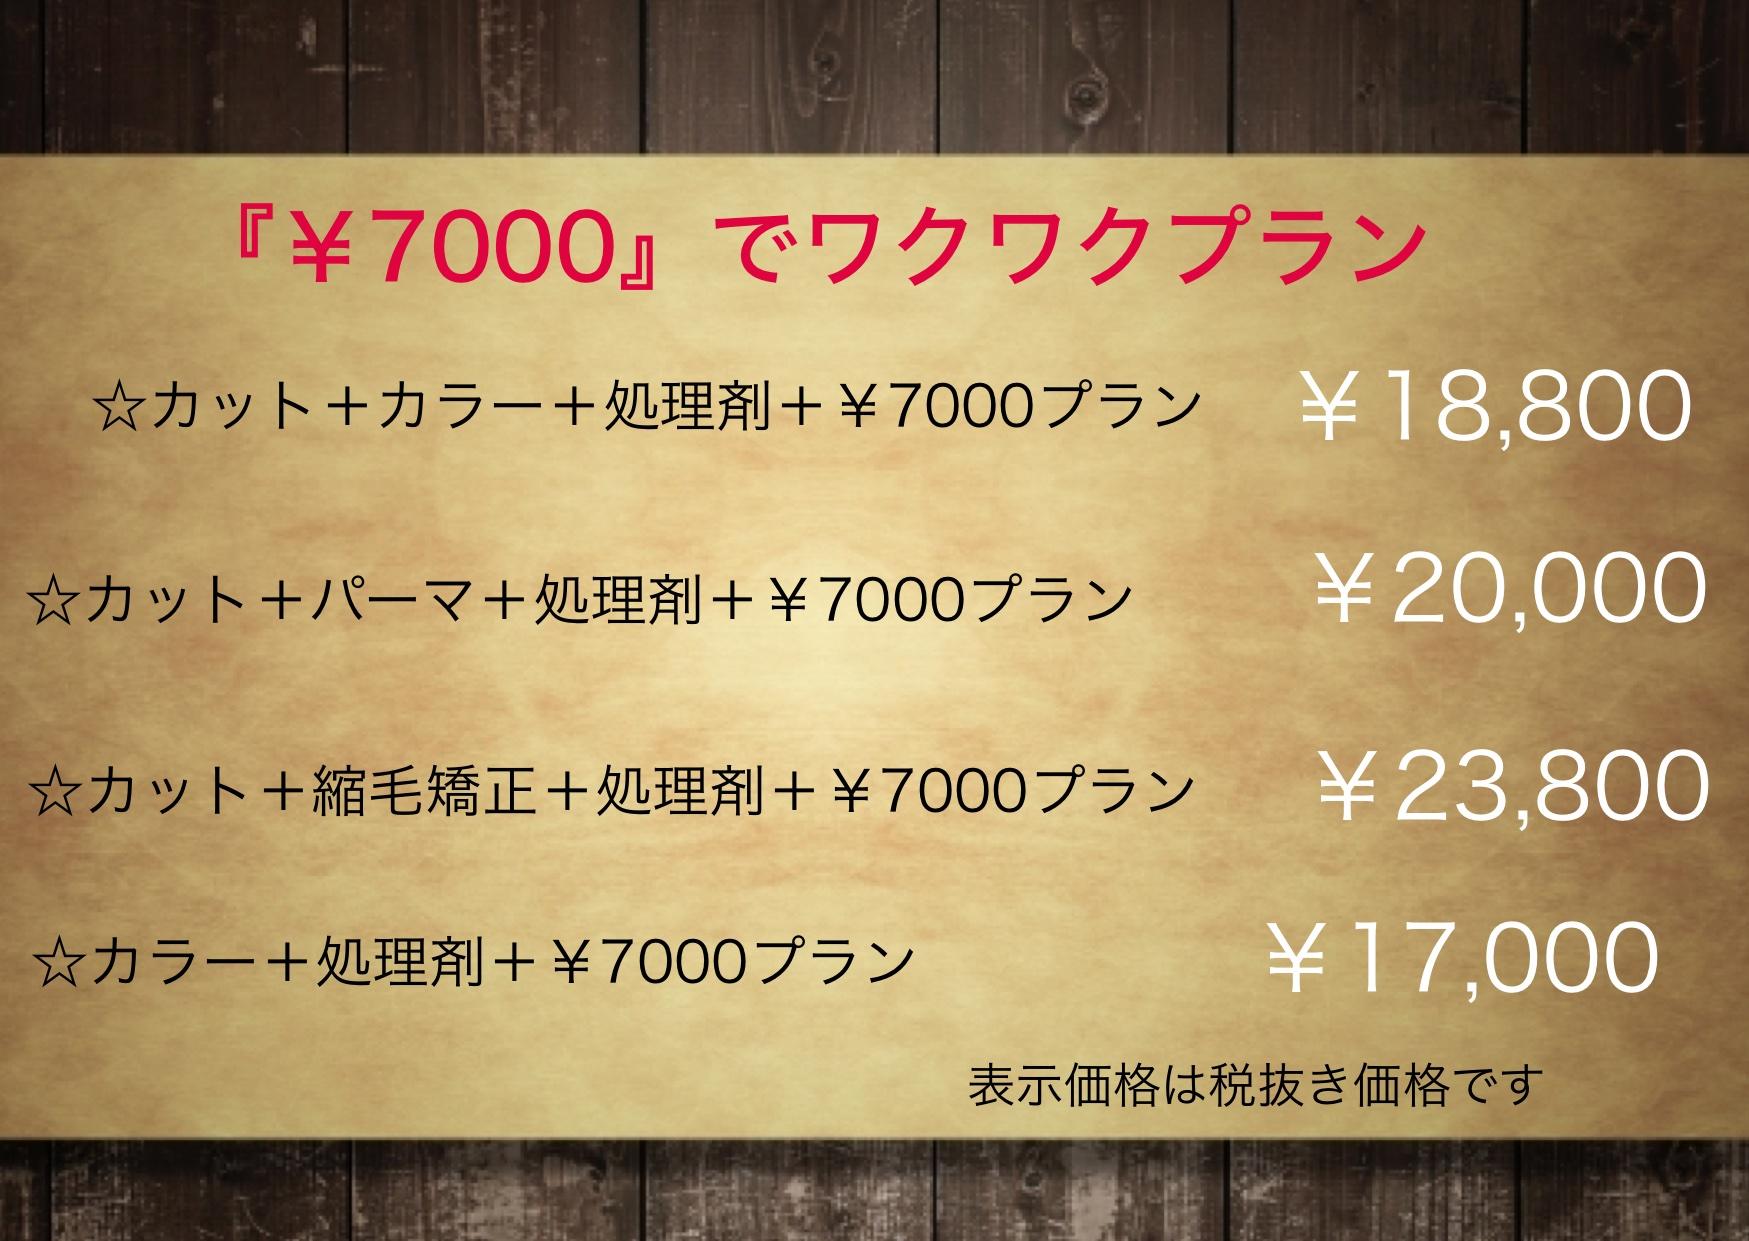 7000票